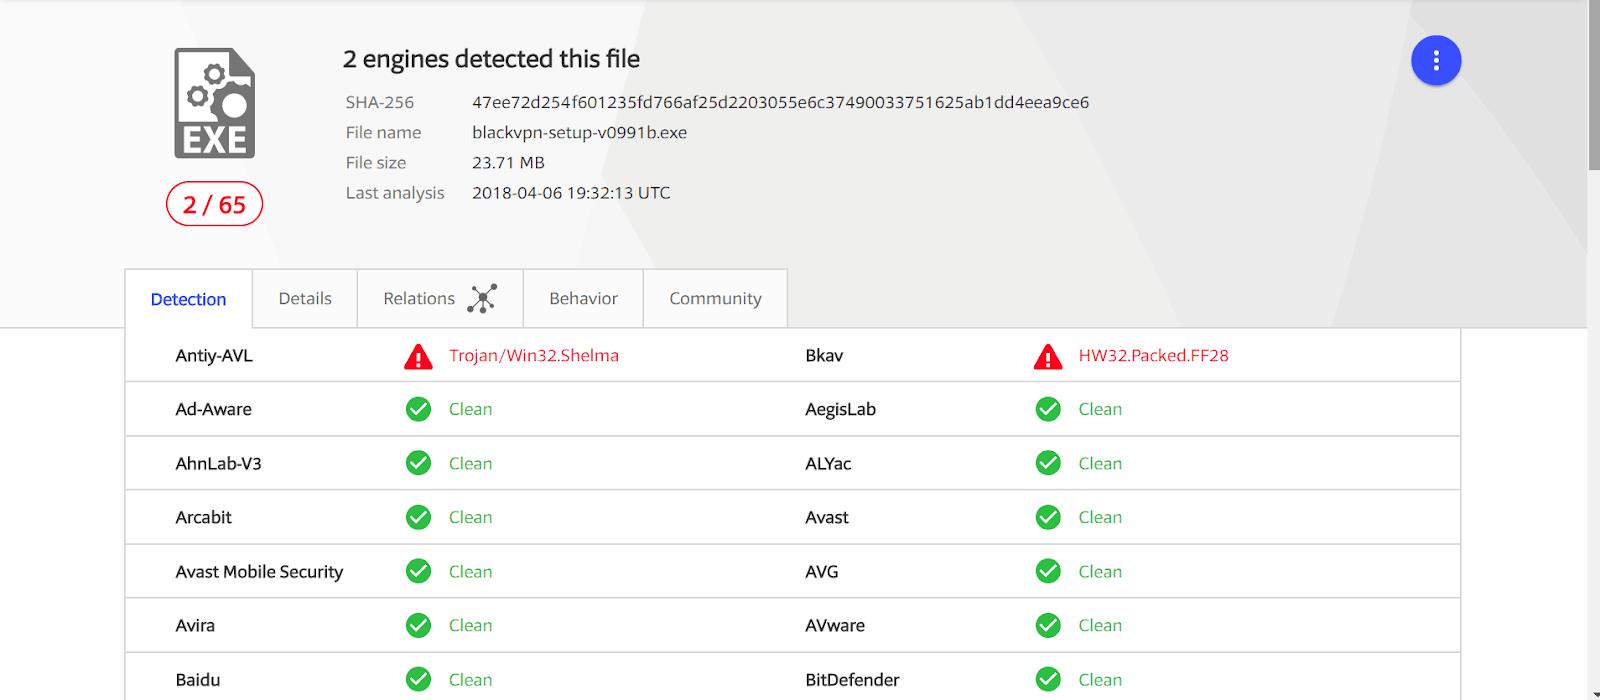 BlackVPN VirusTotal report